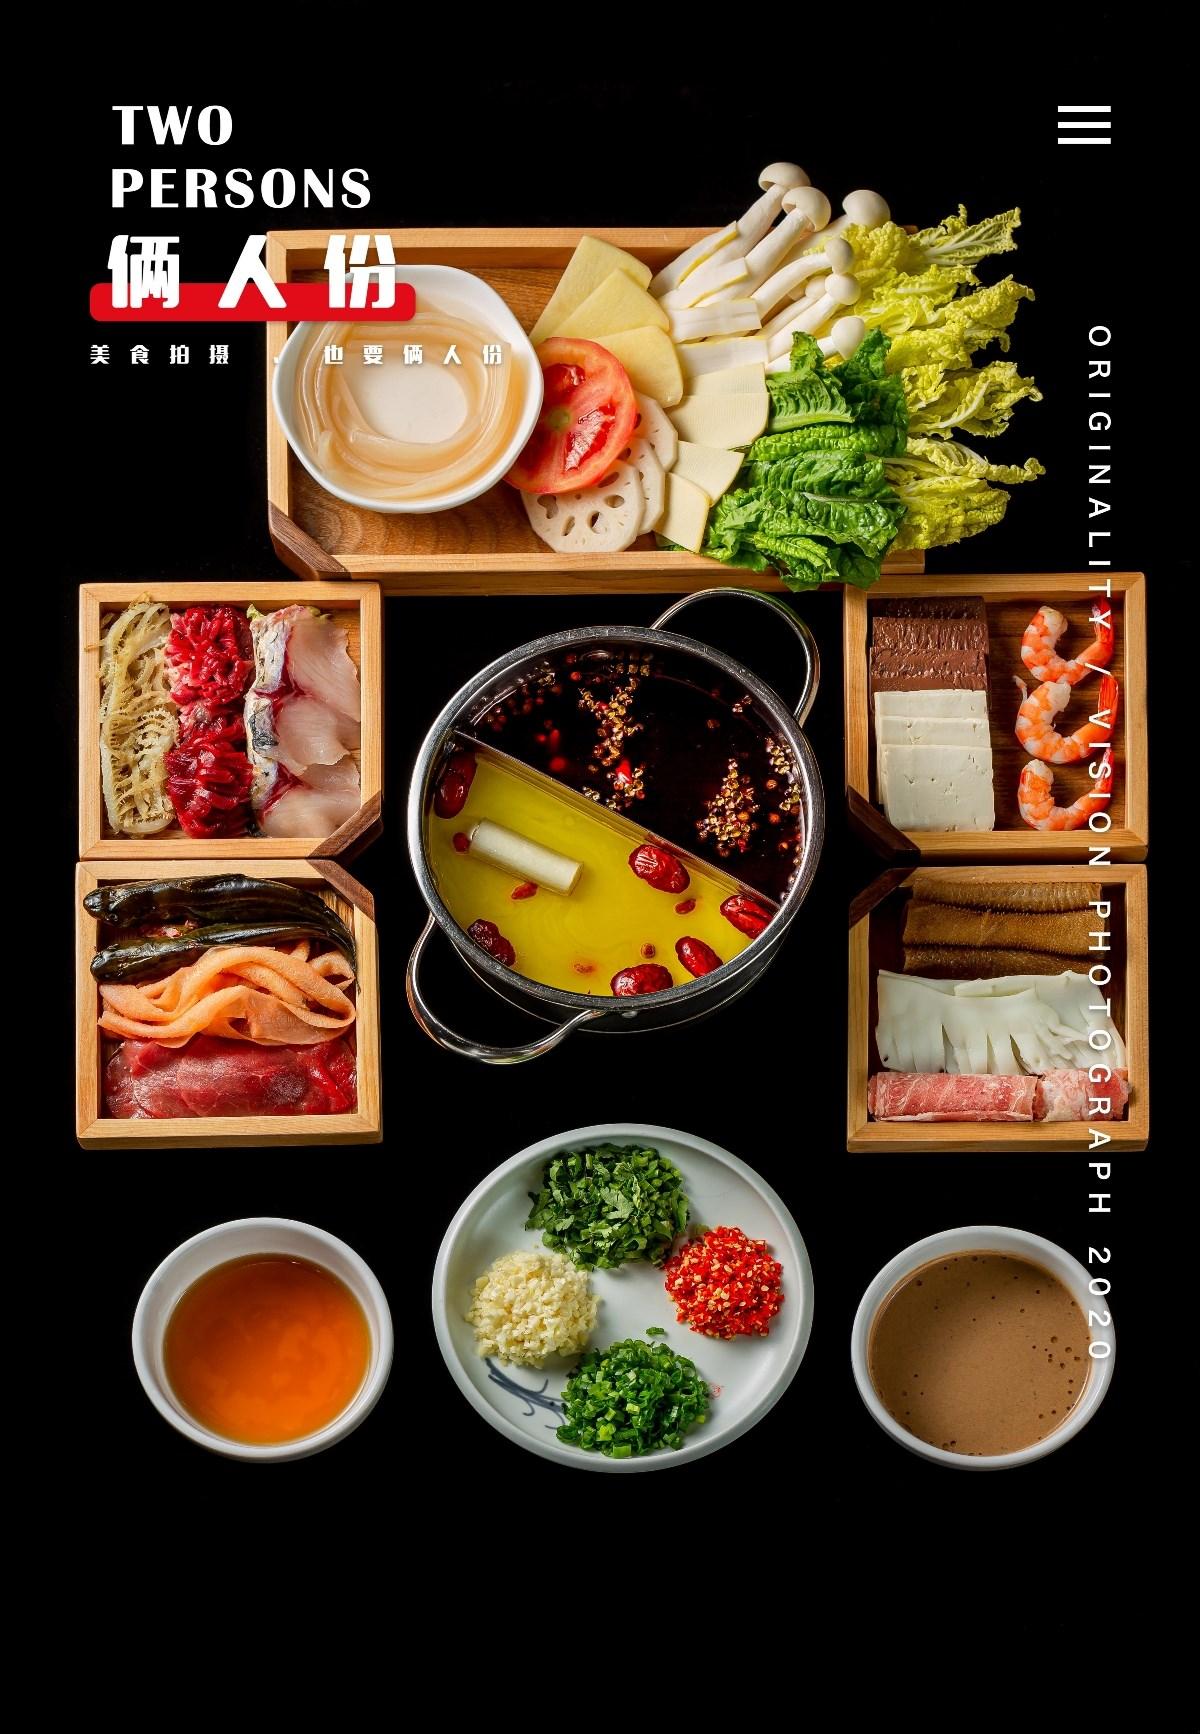 成都新华酒店 菜品 X 俩人份美食摄影 美食拍摄